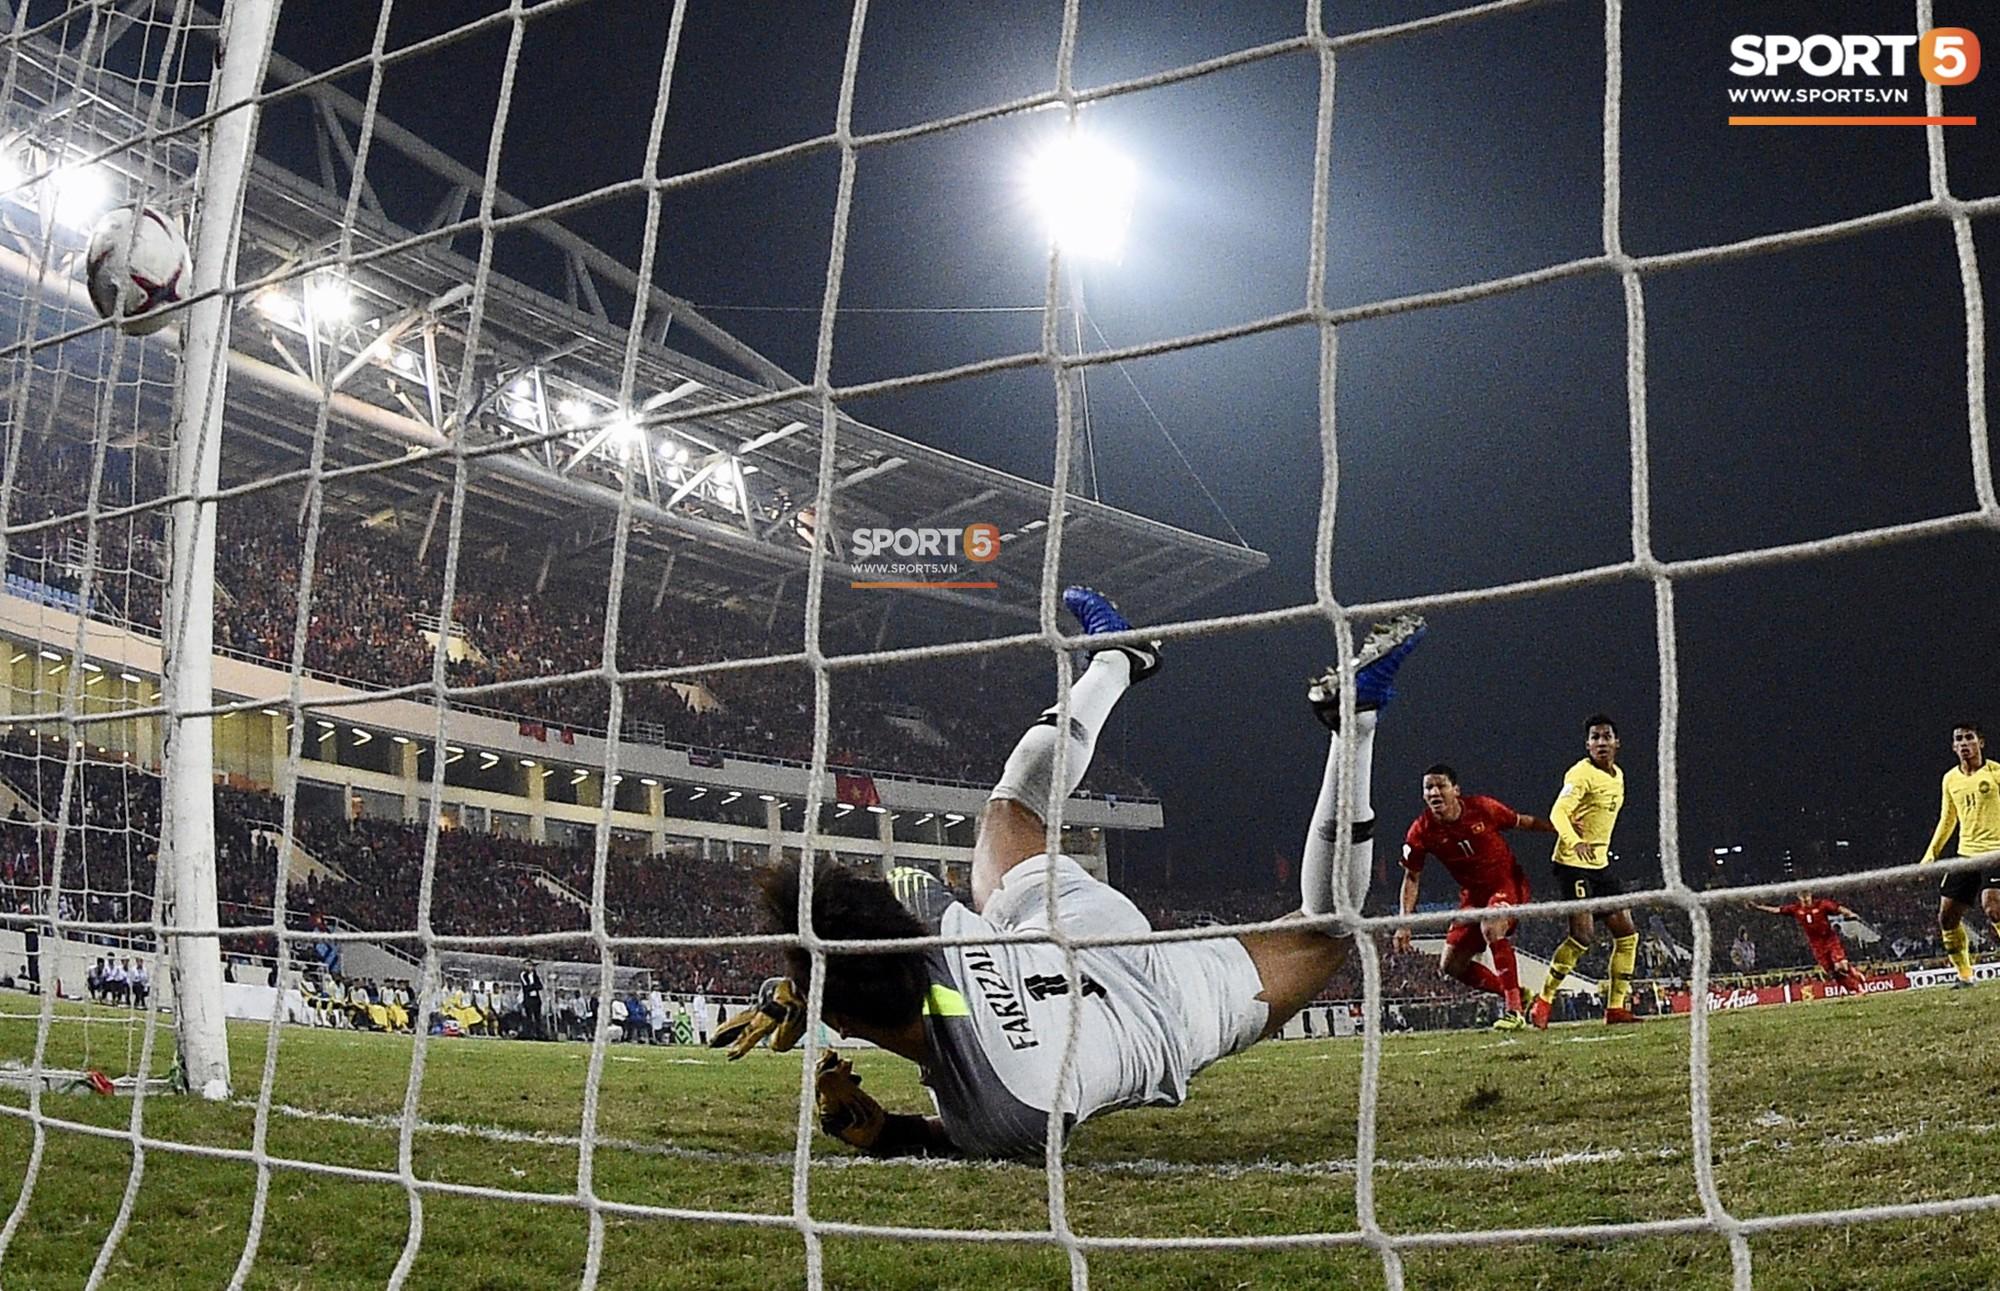 Góc ảnh độc đáo: Khoảnh khắc Anh Đức vô-lê tung lưới Malaysia nhìn từ phía sau cầu môn - Ảnh 6.